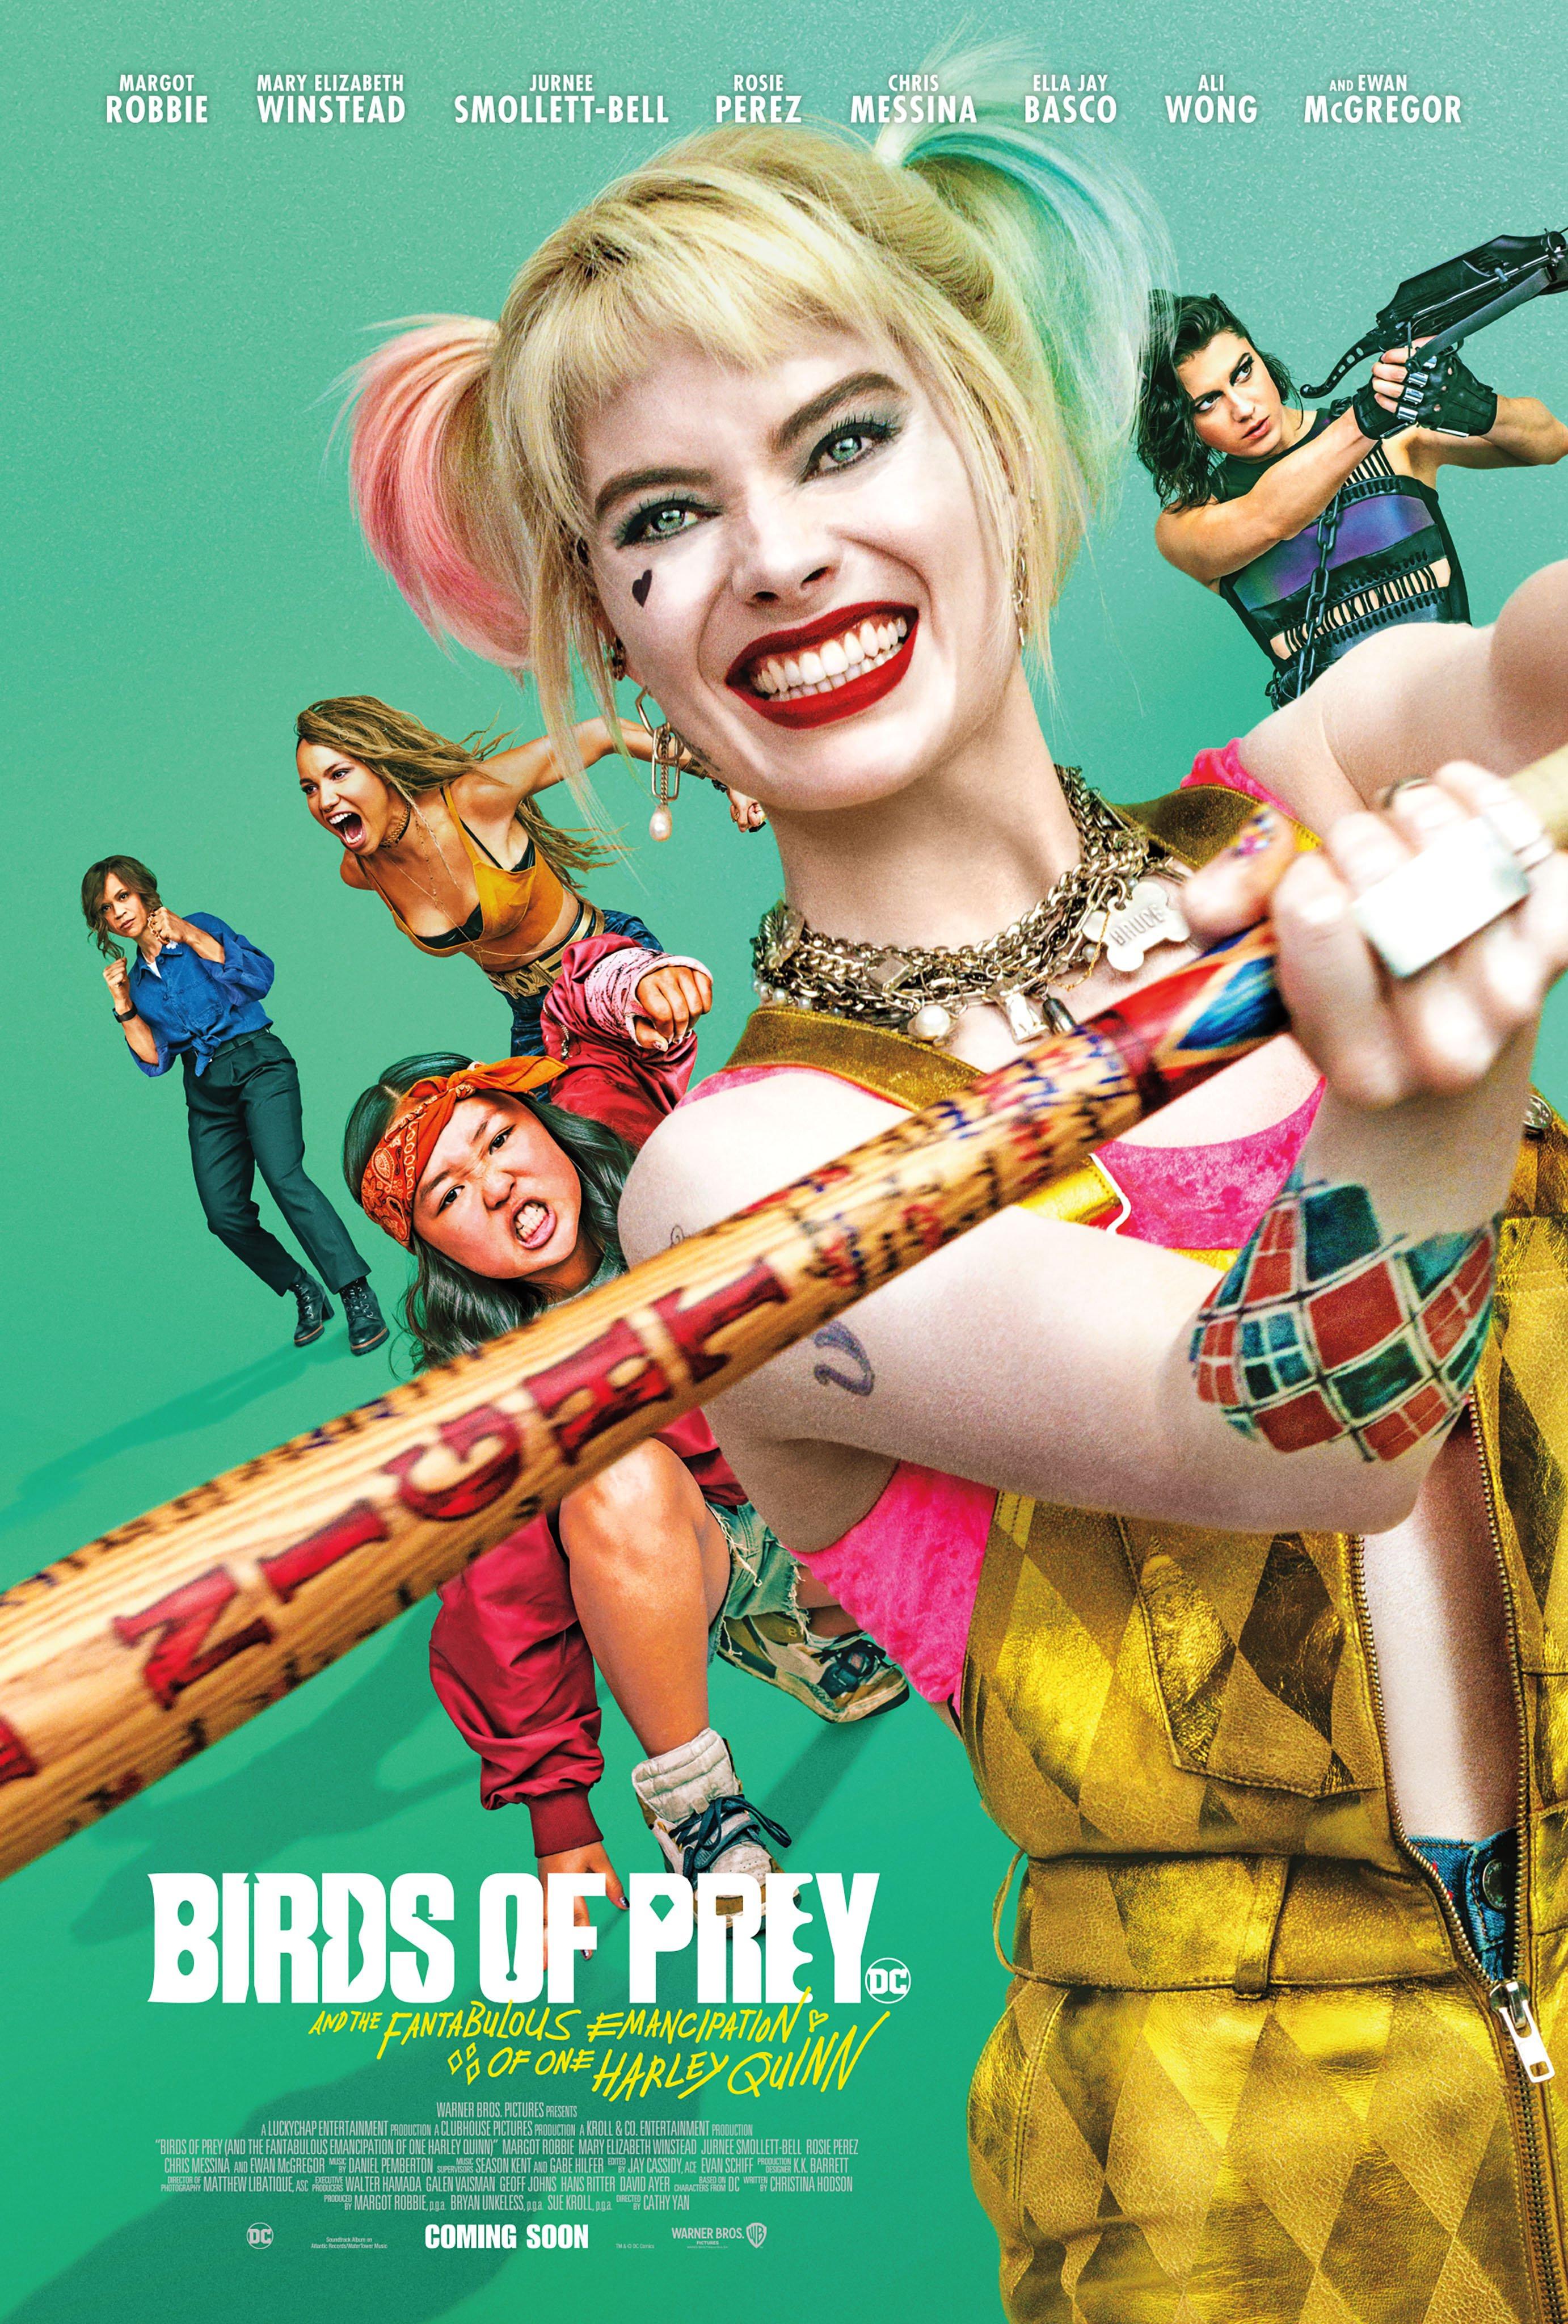 Harley Quinn Birds of Prey poster